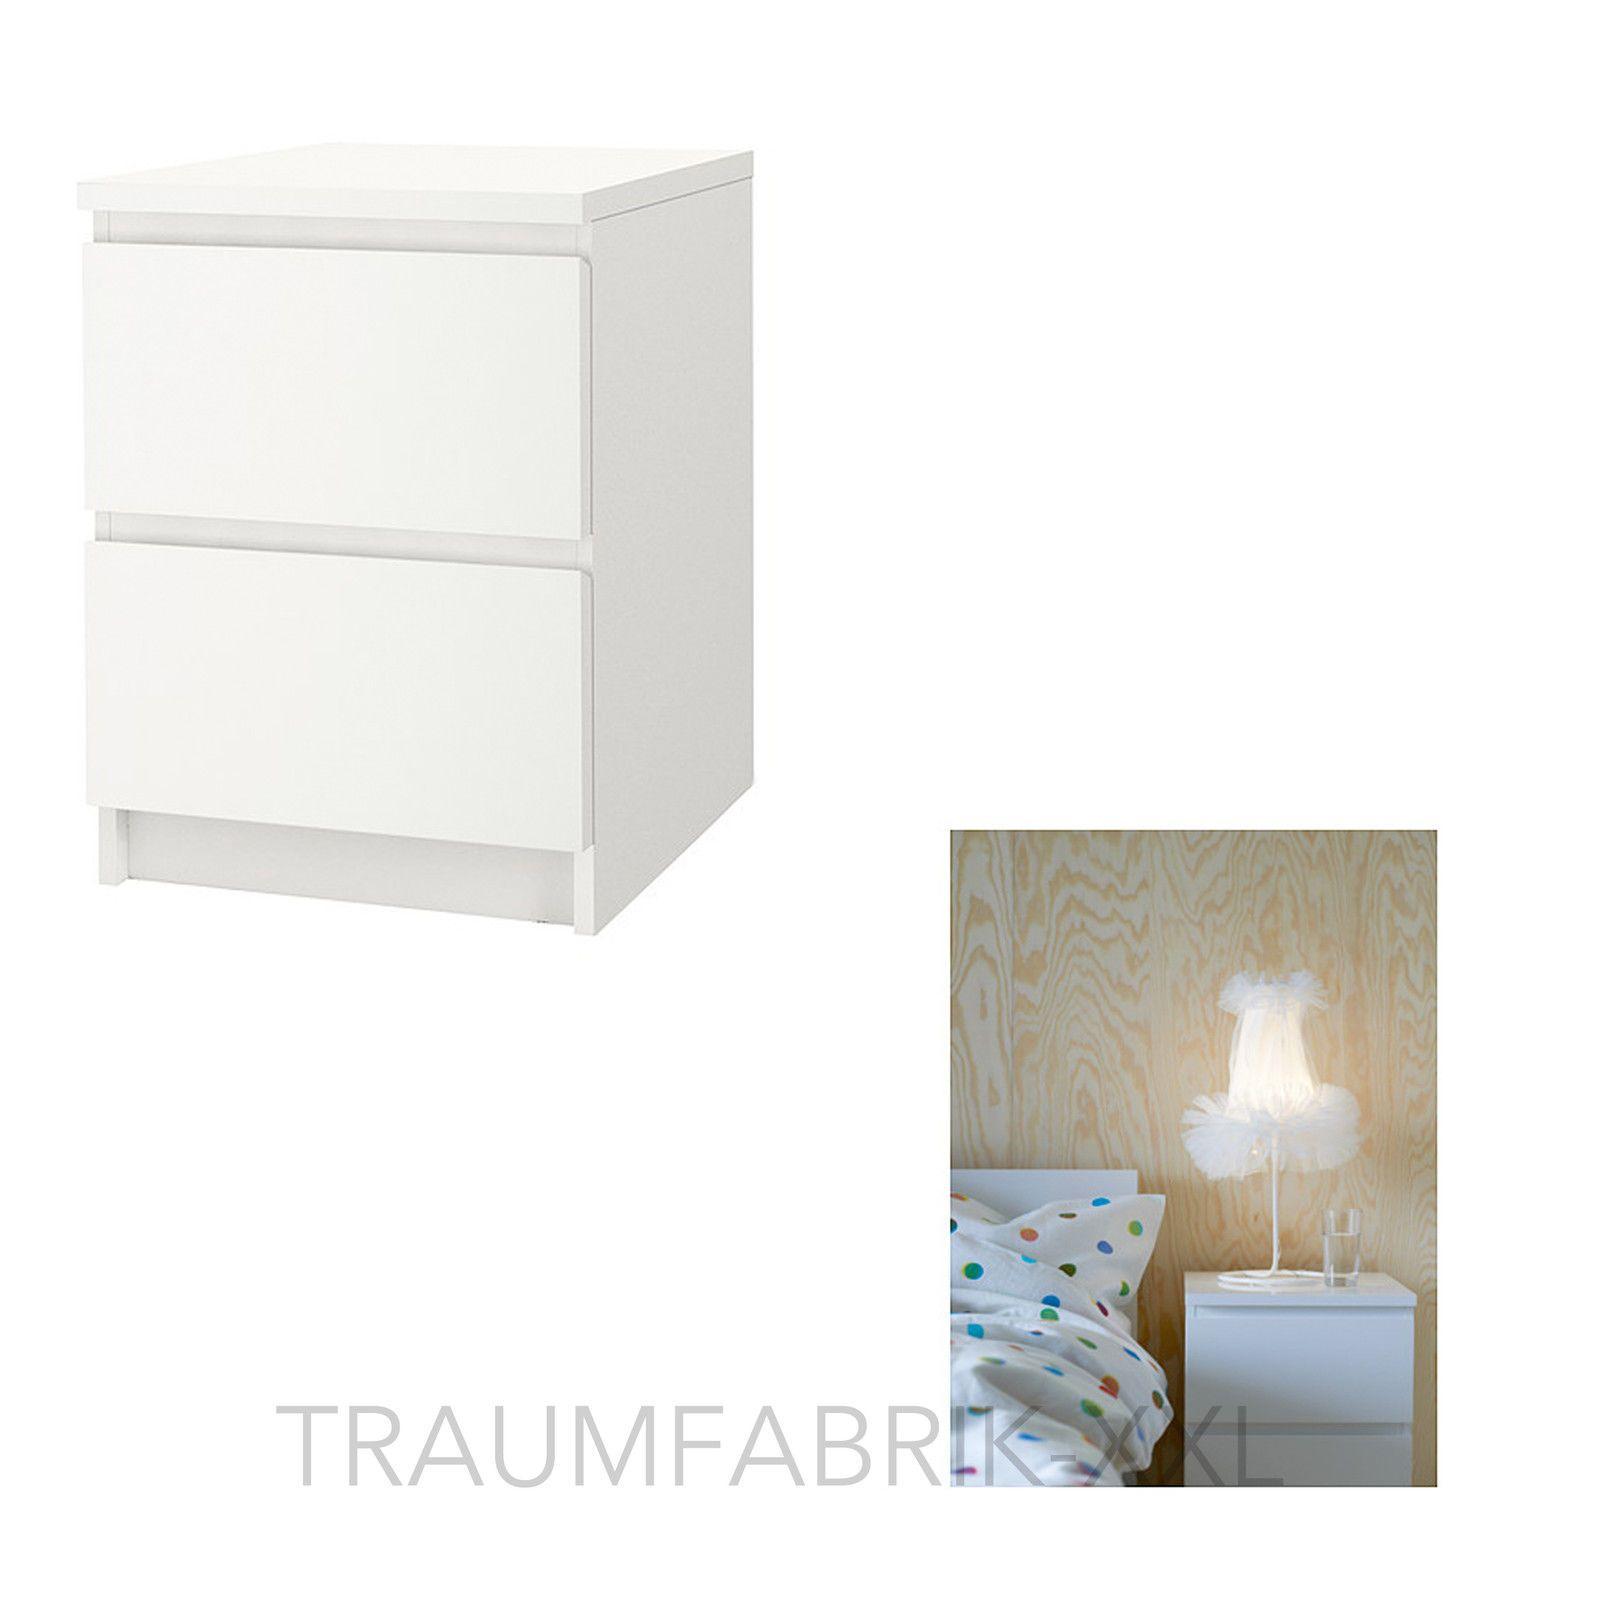 Full Size of Schrankküchen Ikea Arbeitszimmer Schrank Kommode Mit 2 Schubladen Betten 160x200 Bei Küche Kaufen Miniküche Sofa Schlaffunktion Kosten Modulküche Wohnzimmer Schrankküchen Ikea